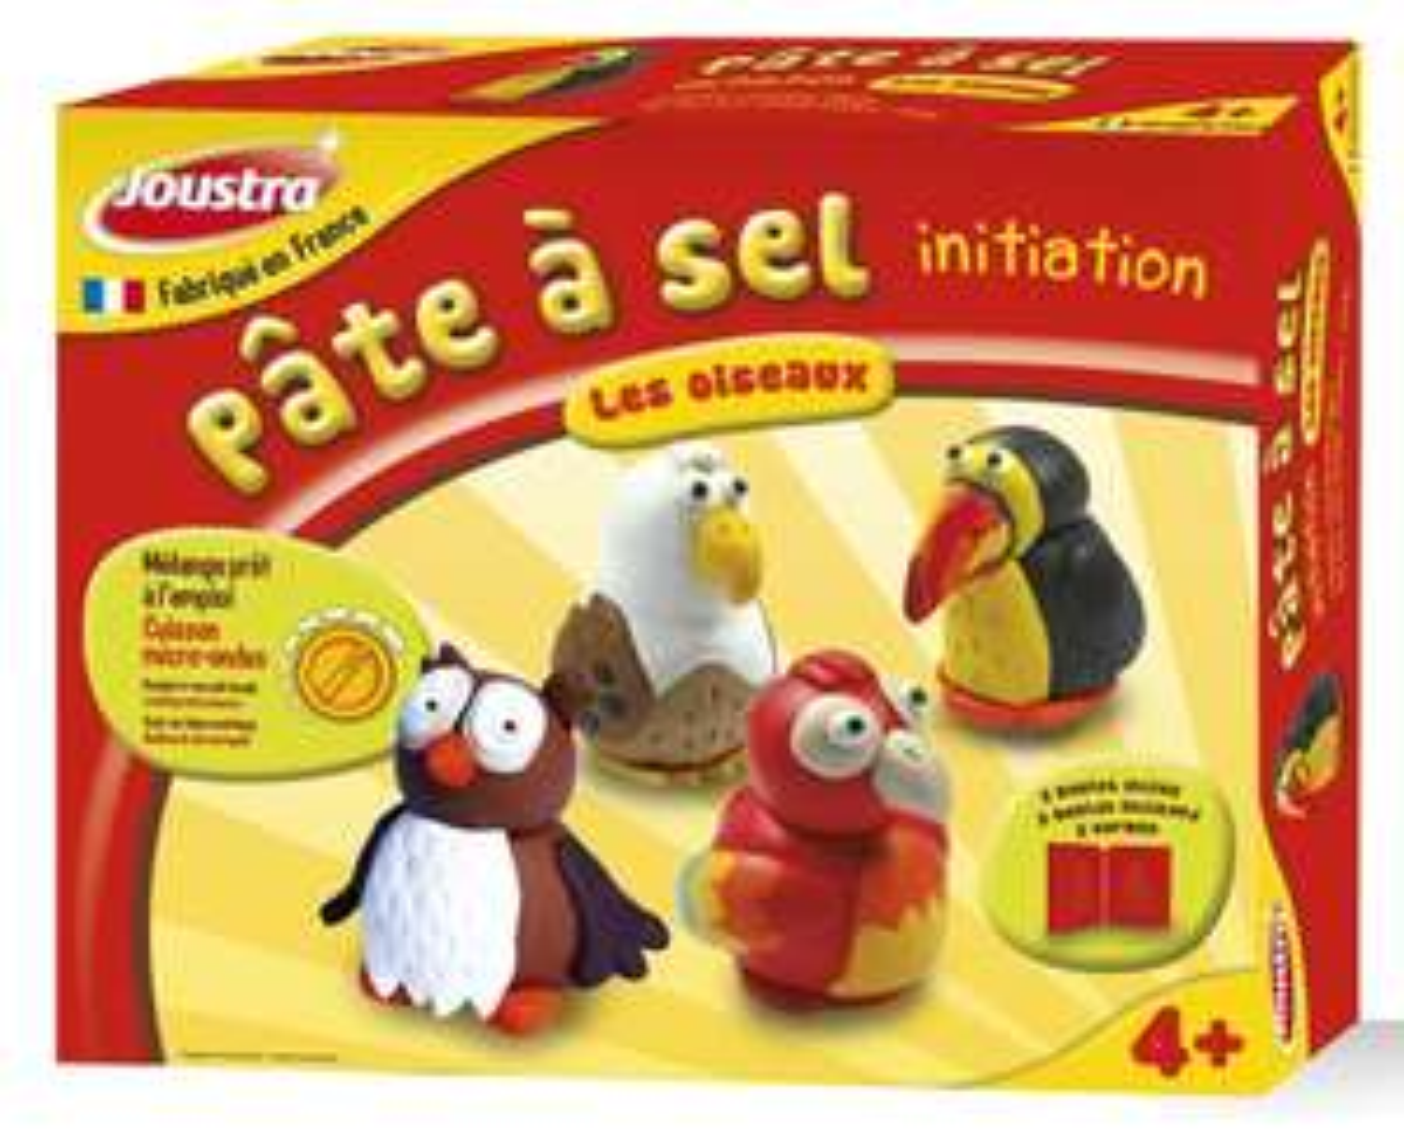 Kit loisir créatif Joustra pâte à sel thème les oiseaux